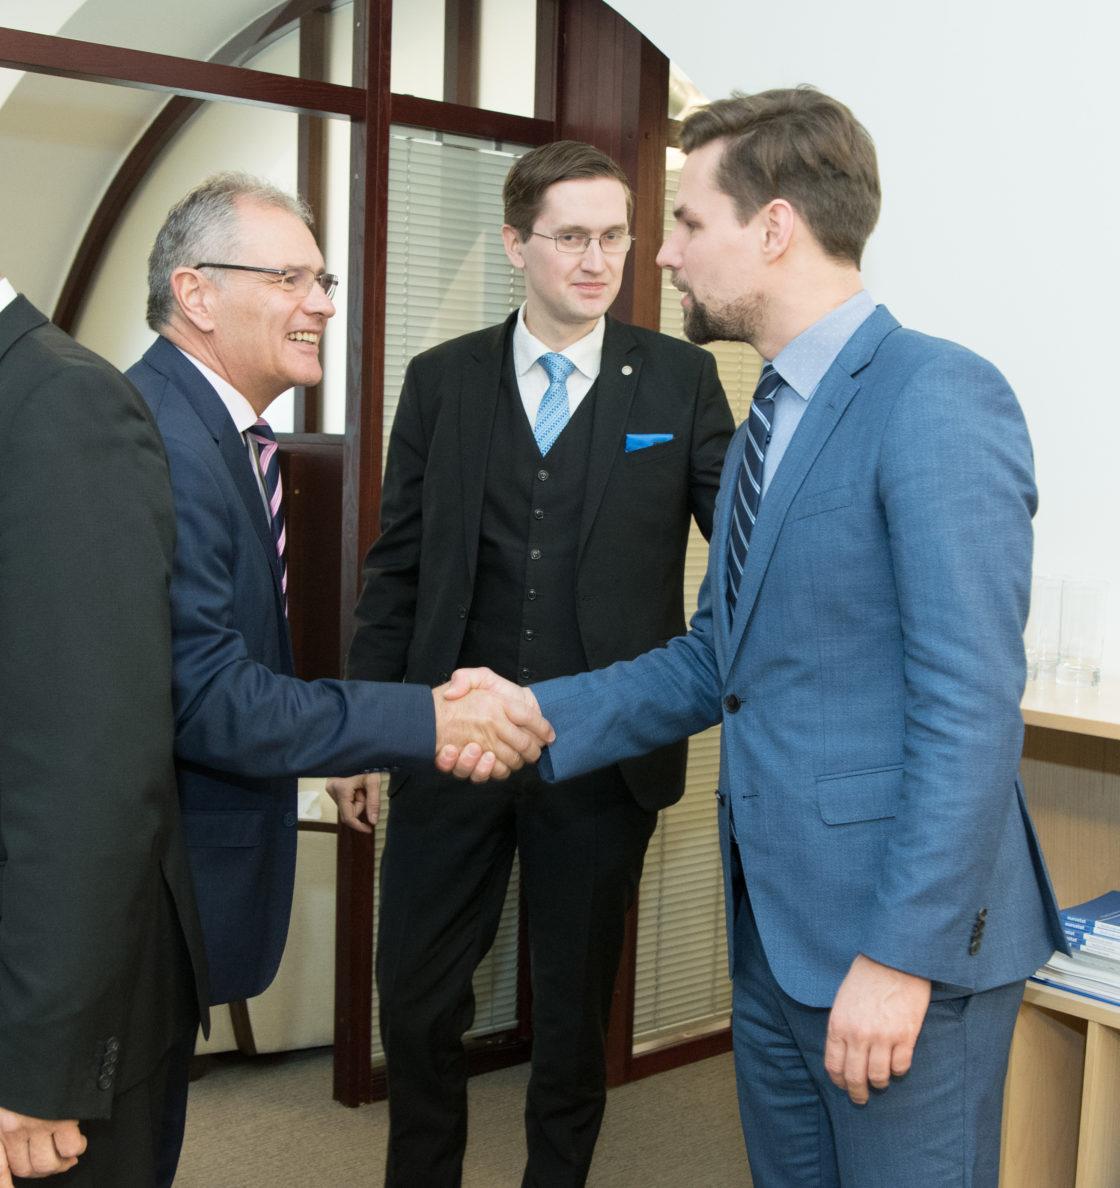 Euroopa Liidu asjade komisjoni esimees Toomas Vitsut, komisjoni aseesimees Jaak Madison ja Kalle Palling kohtusid Austria parlamendi ülemkoja presidendi Edgar Mayeriga